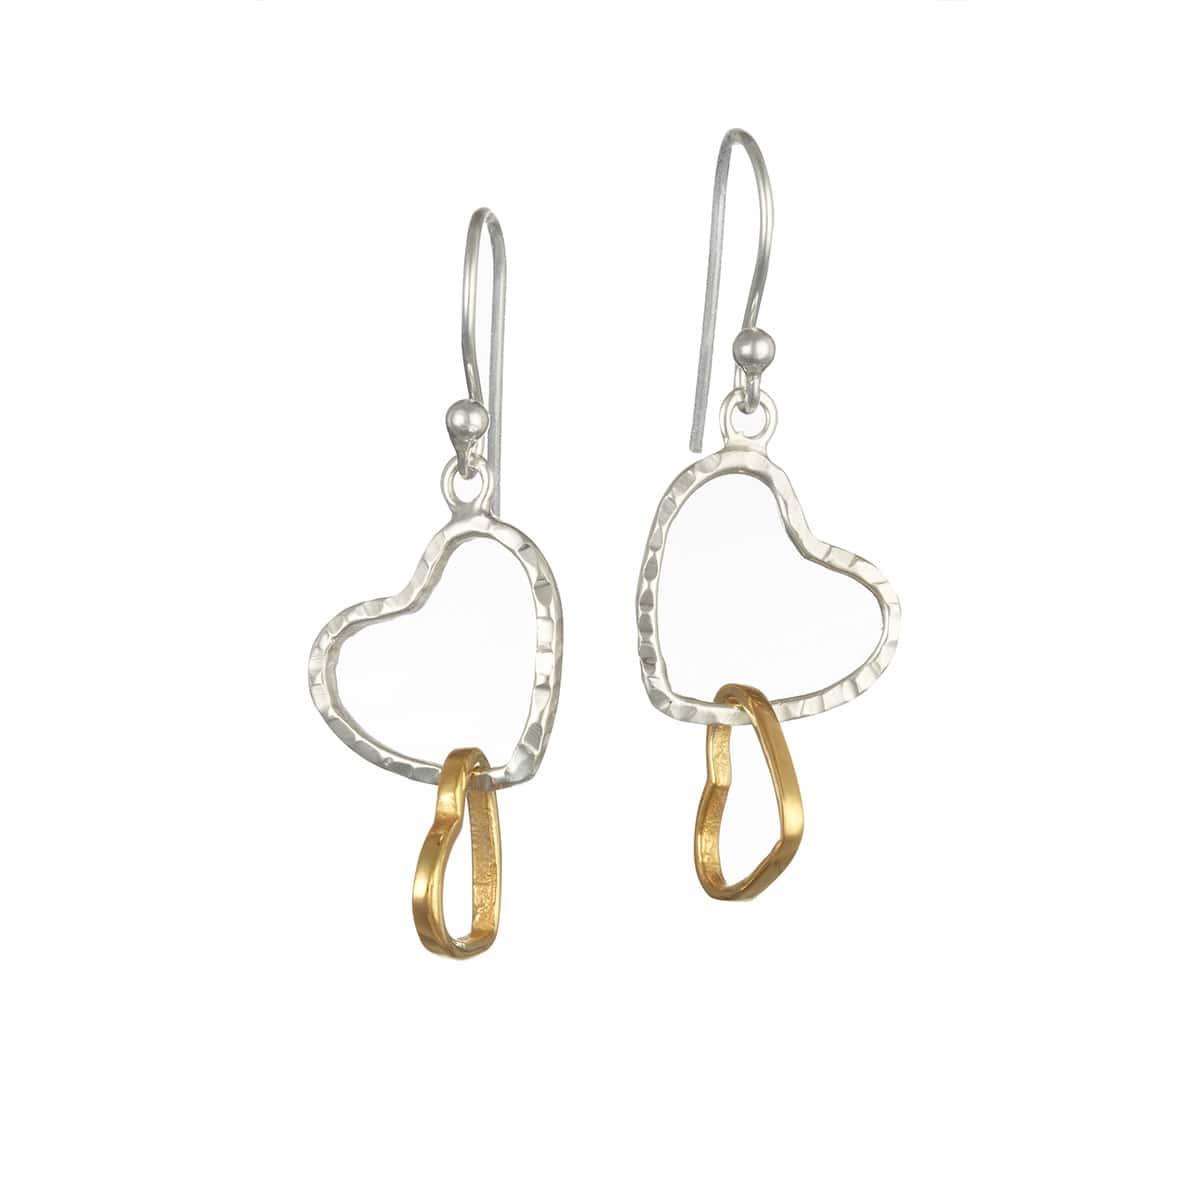 Sterling Silver & Brass Entwined Heart Earrings